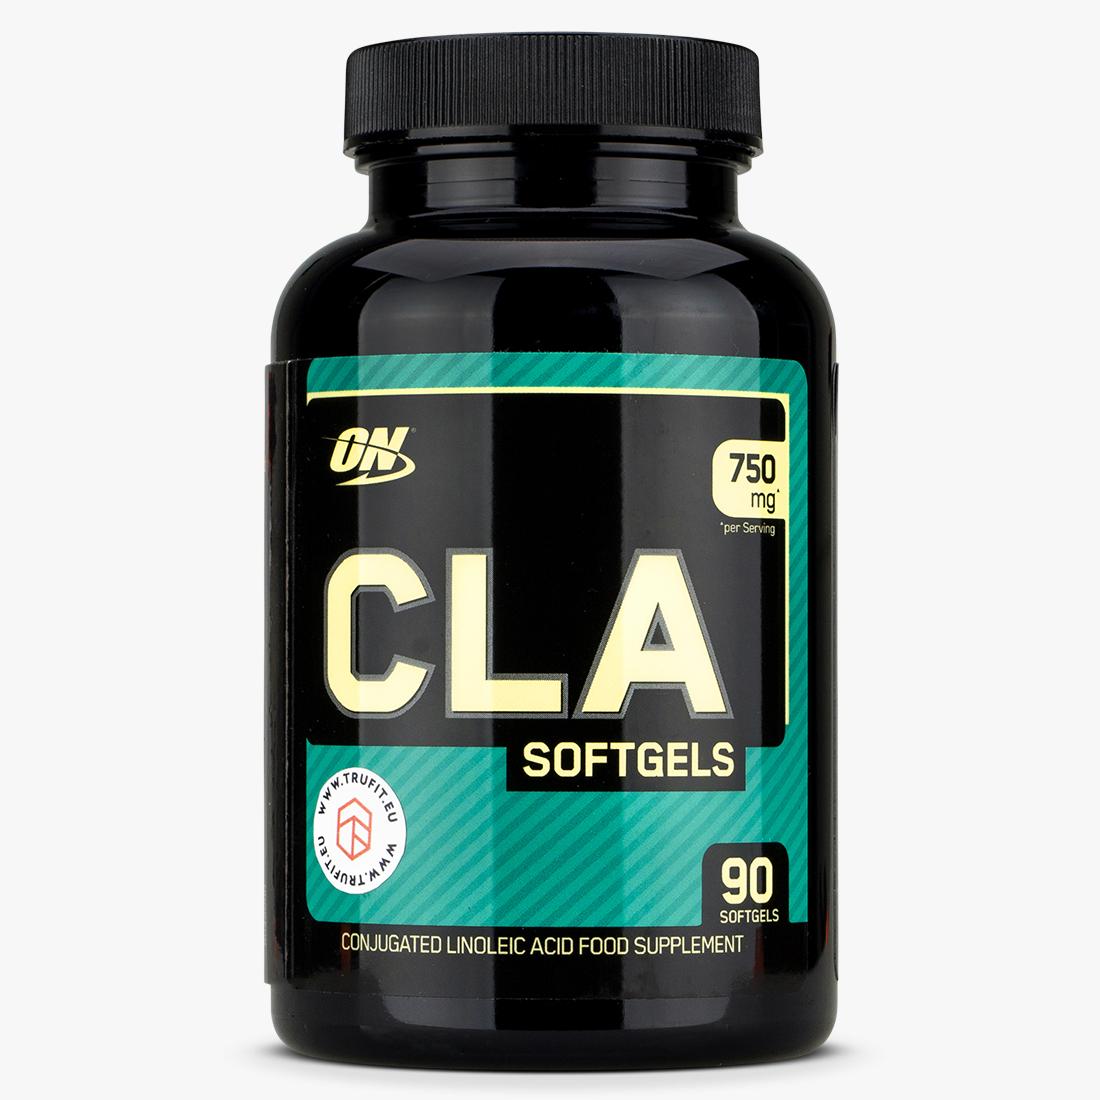 Optimum Nutrition - CLA